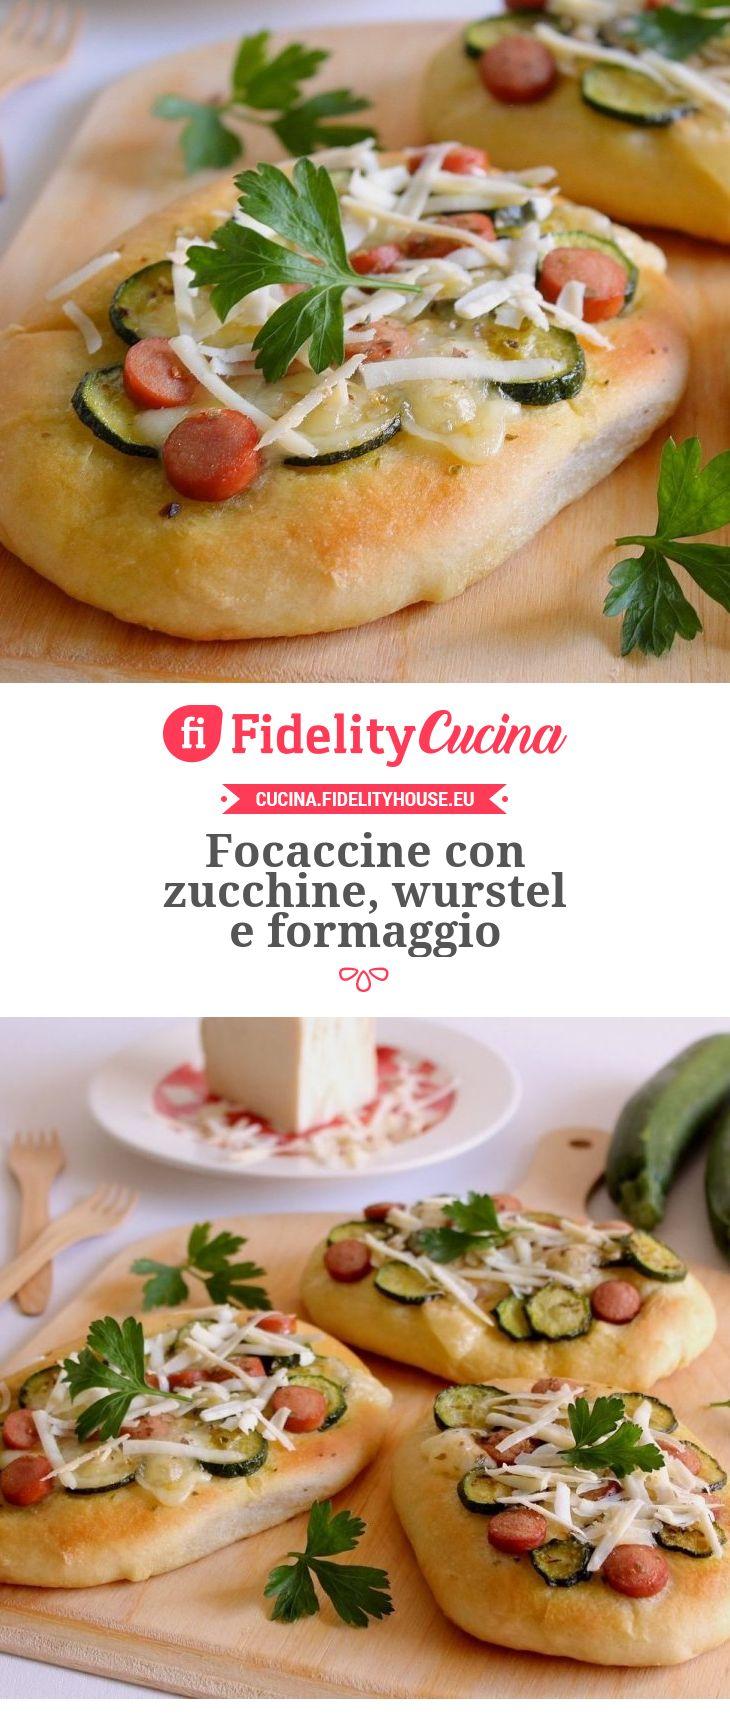 Focaccine con zucchine, wurstel e formaggio